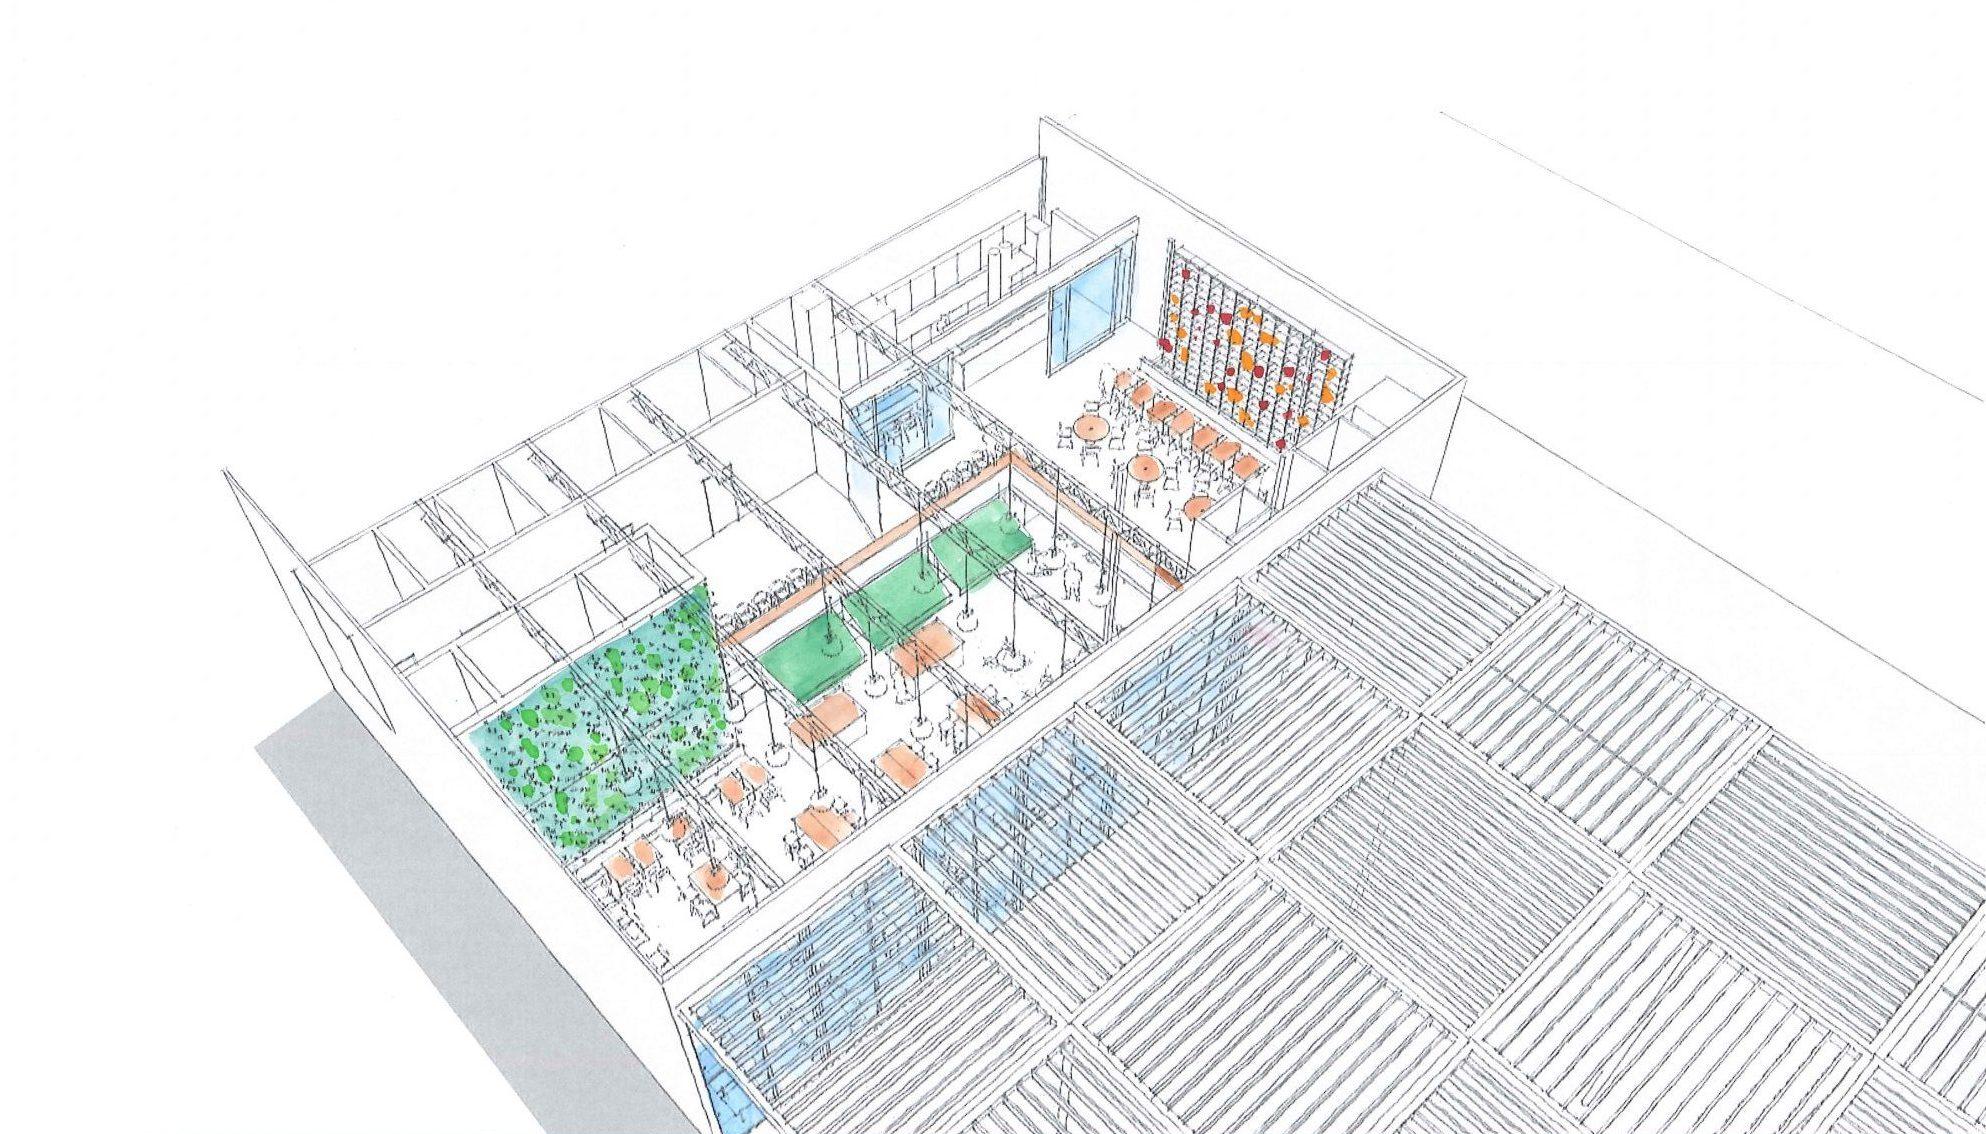 Ombyggnadsförslag för restaurangen i IKEA Museum, Älmhult, ritat av Rex Arkitektbyrå.